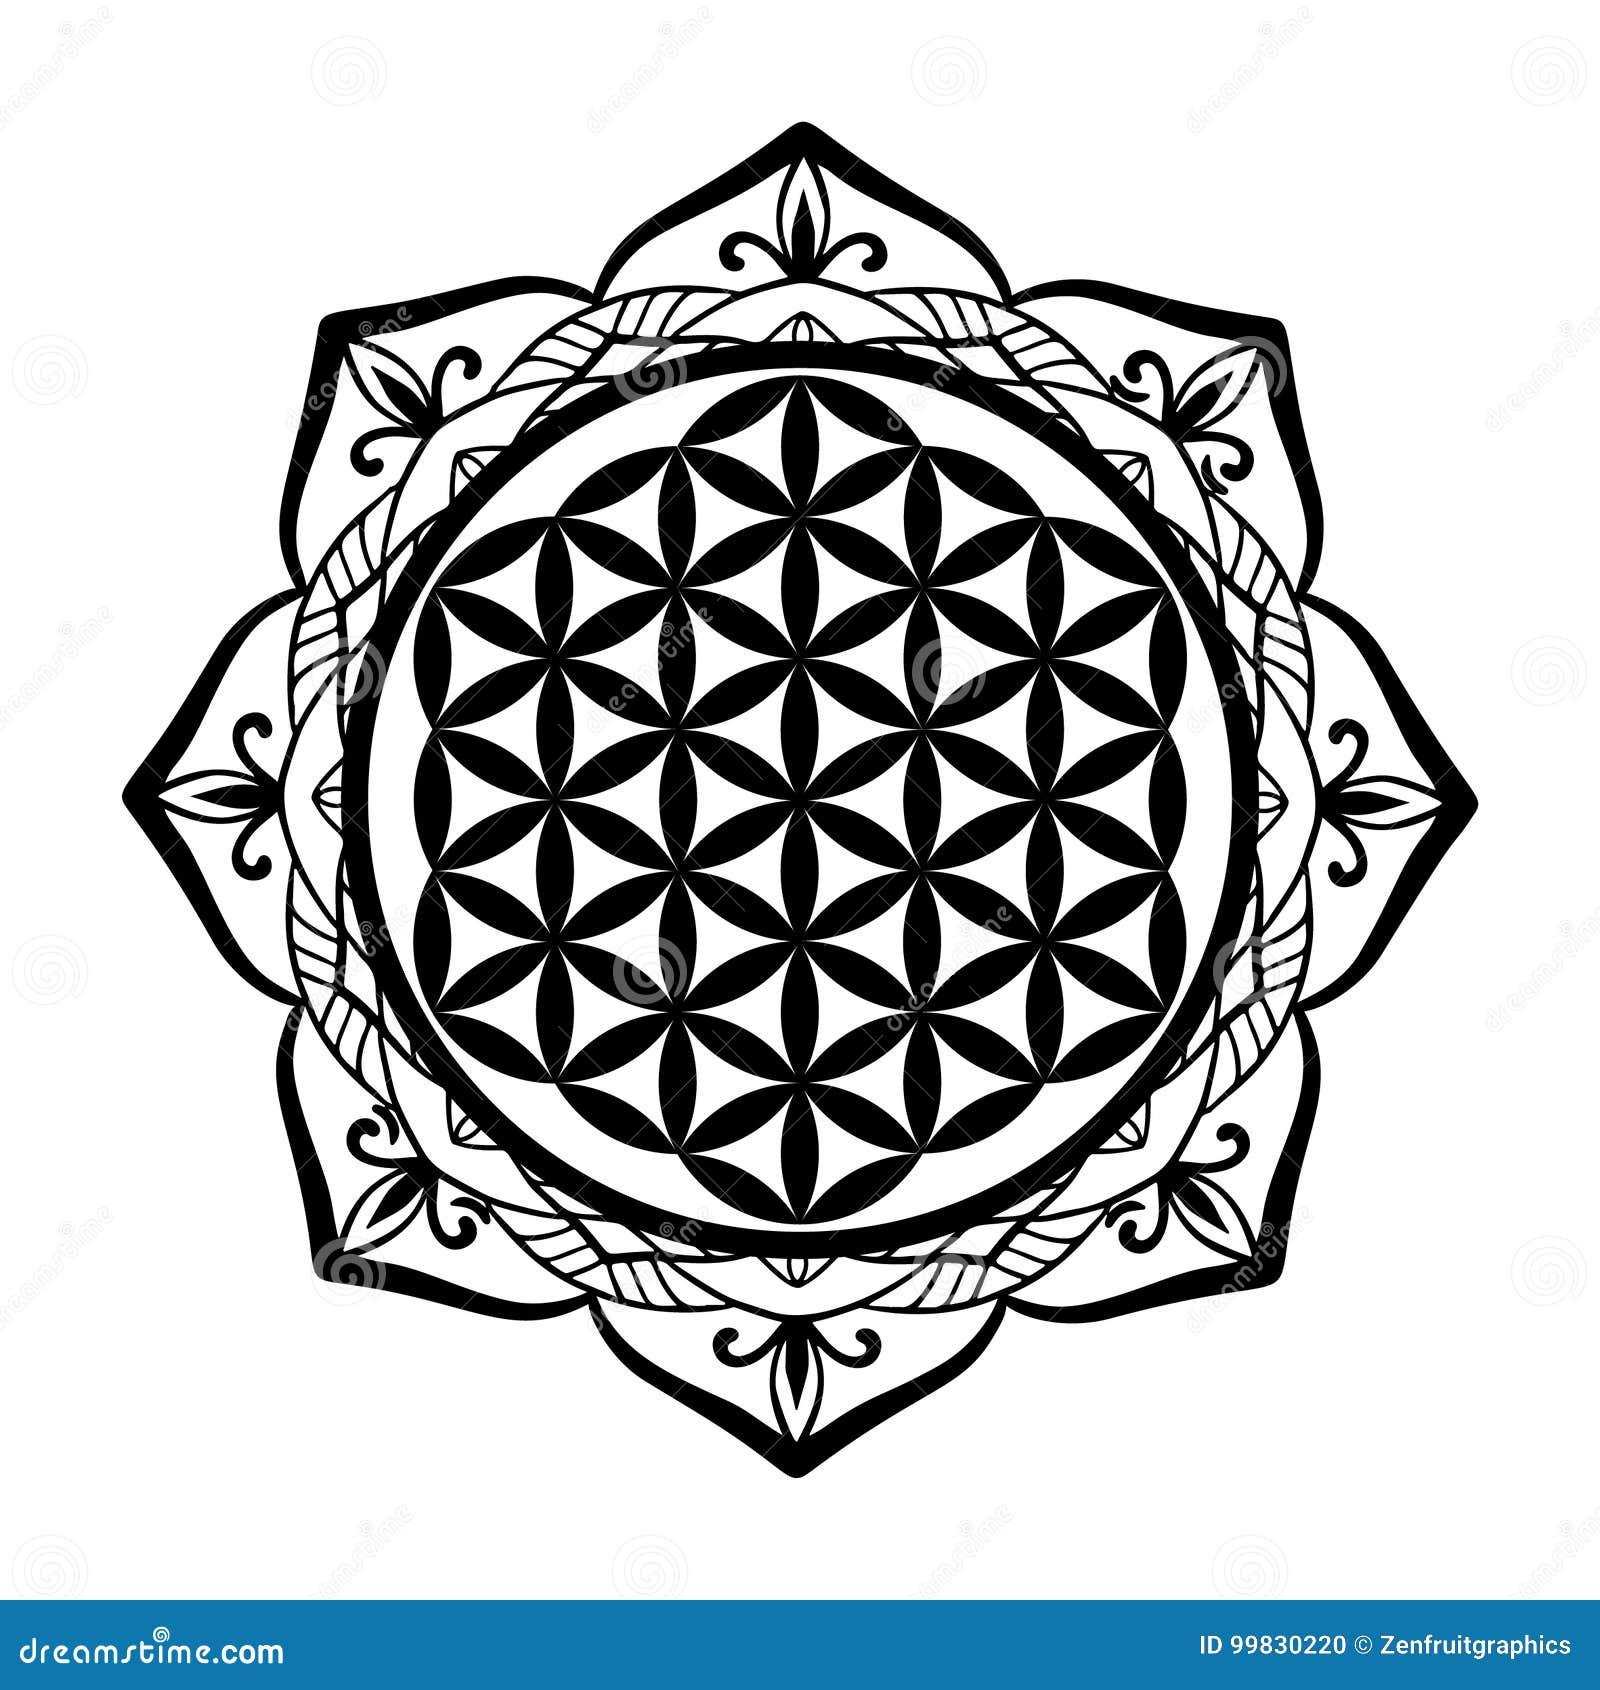 Quadro Da Mandala E Flor Da Tatuagem Da Vida Ou Do Molde Do Estêncil